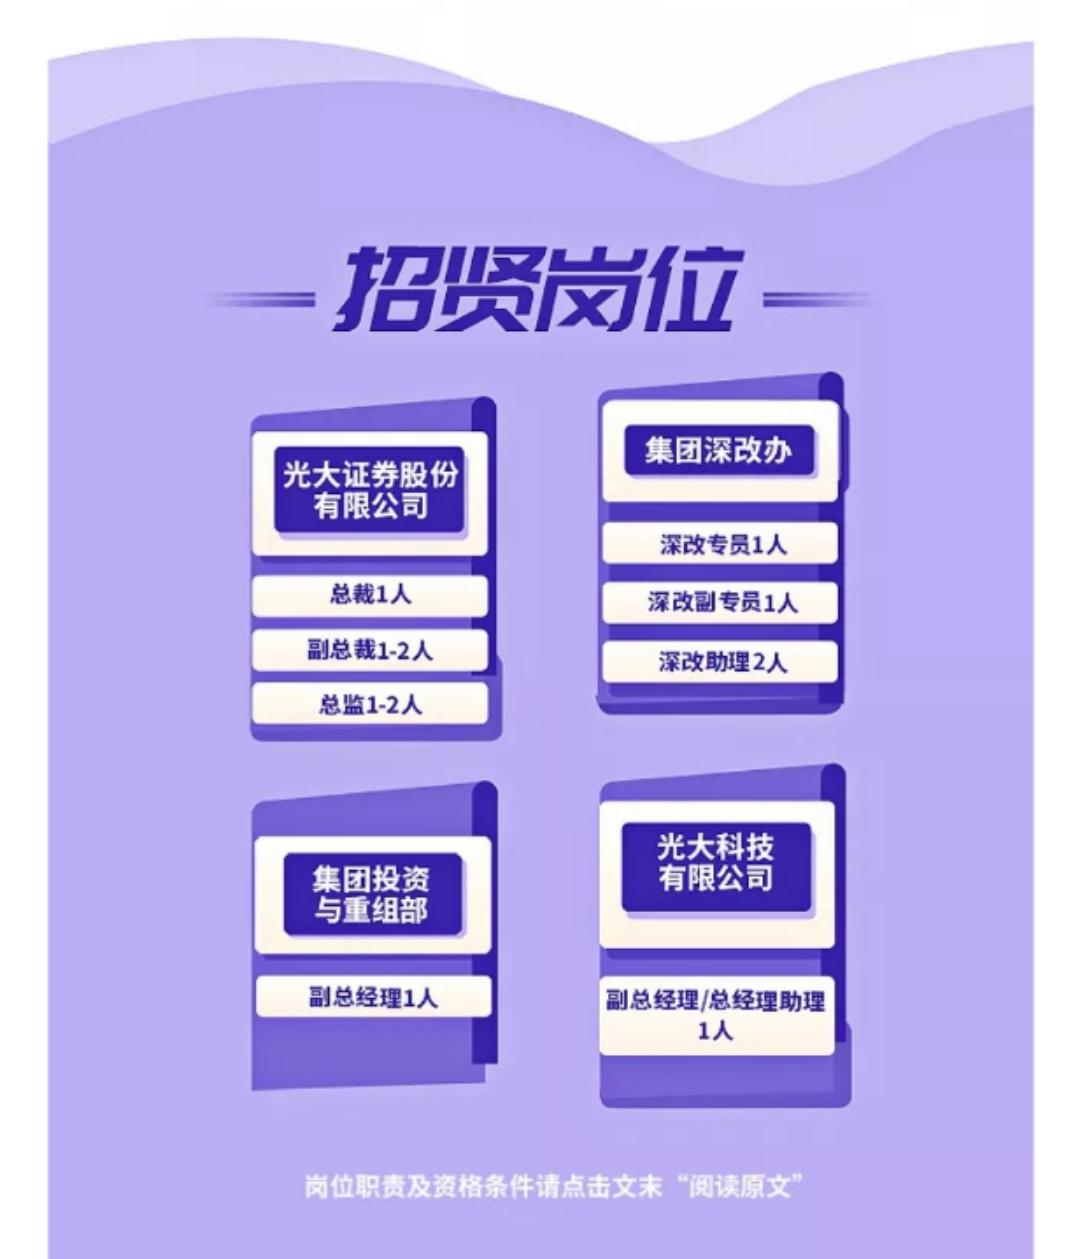 王瑛同志任中国大唐纪检监察组组长、党组成员